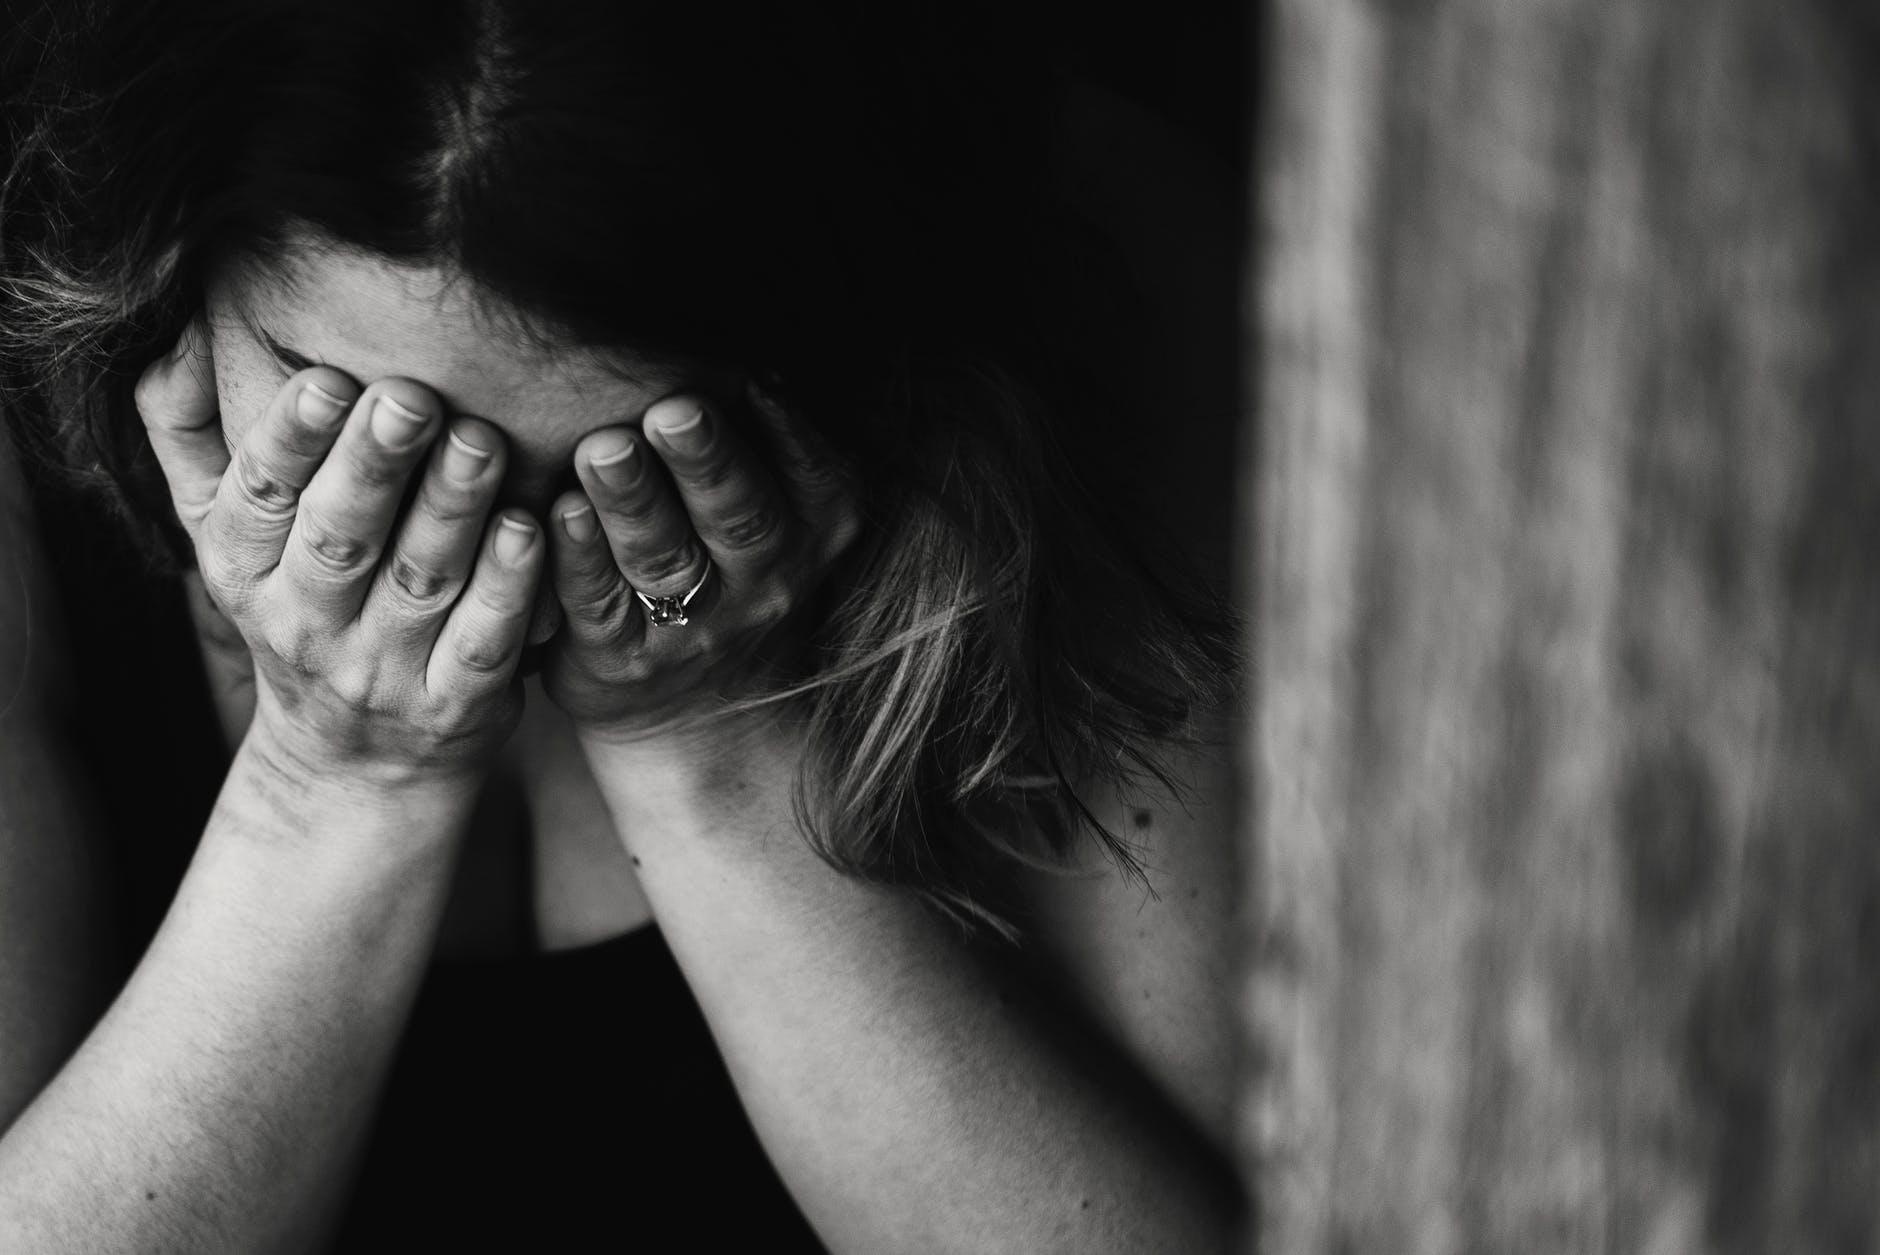 Żona myślała, że jej mąż nie żyje. Oszukał wszystkich, ale było już za późno żeby naprawić błąd